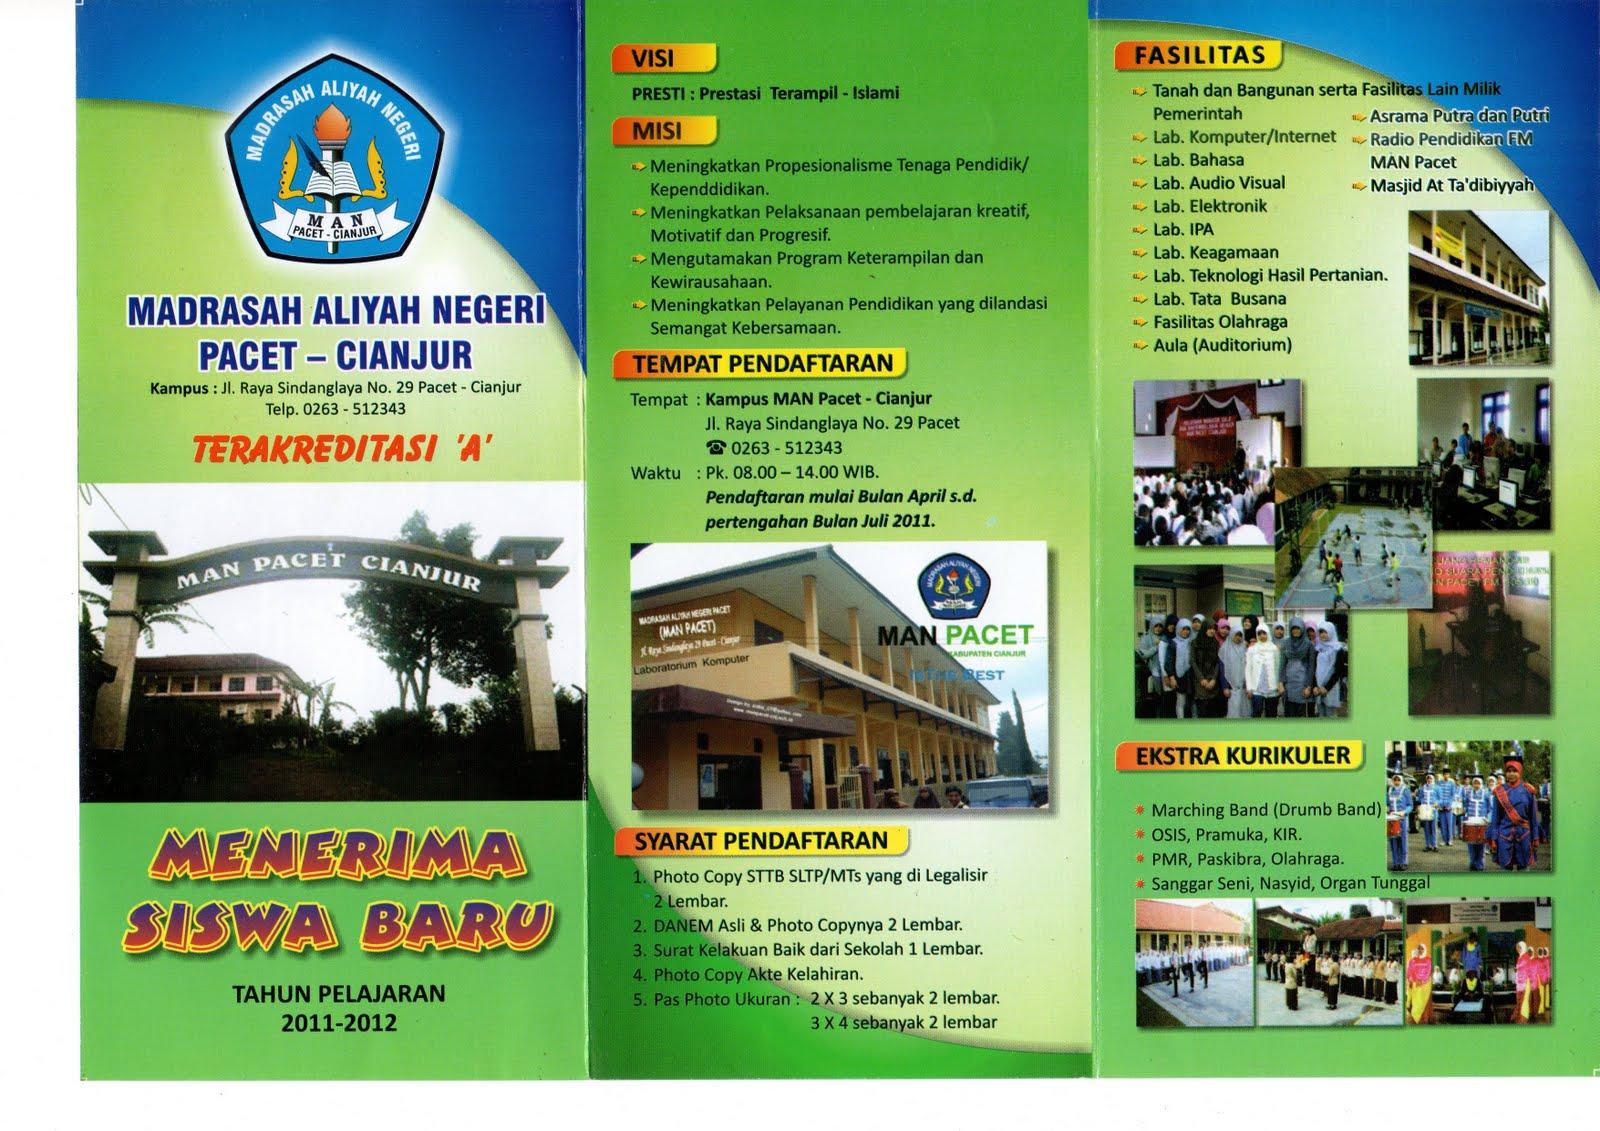 PENERIMAAN SISWA BARU UNTUK TAHUN PELAJARAN 2011-2012, MADRASAH ALIYAH